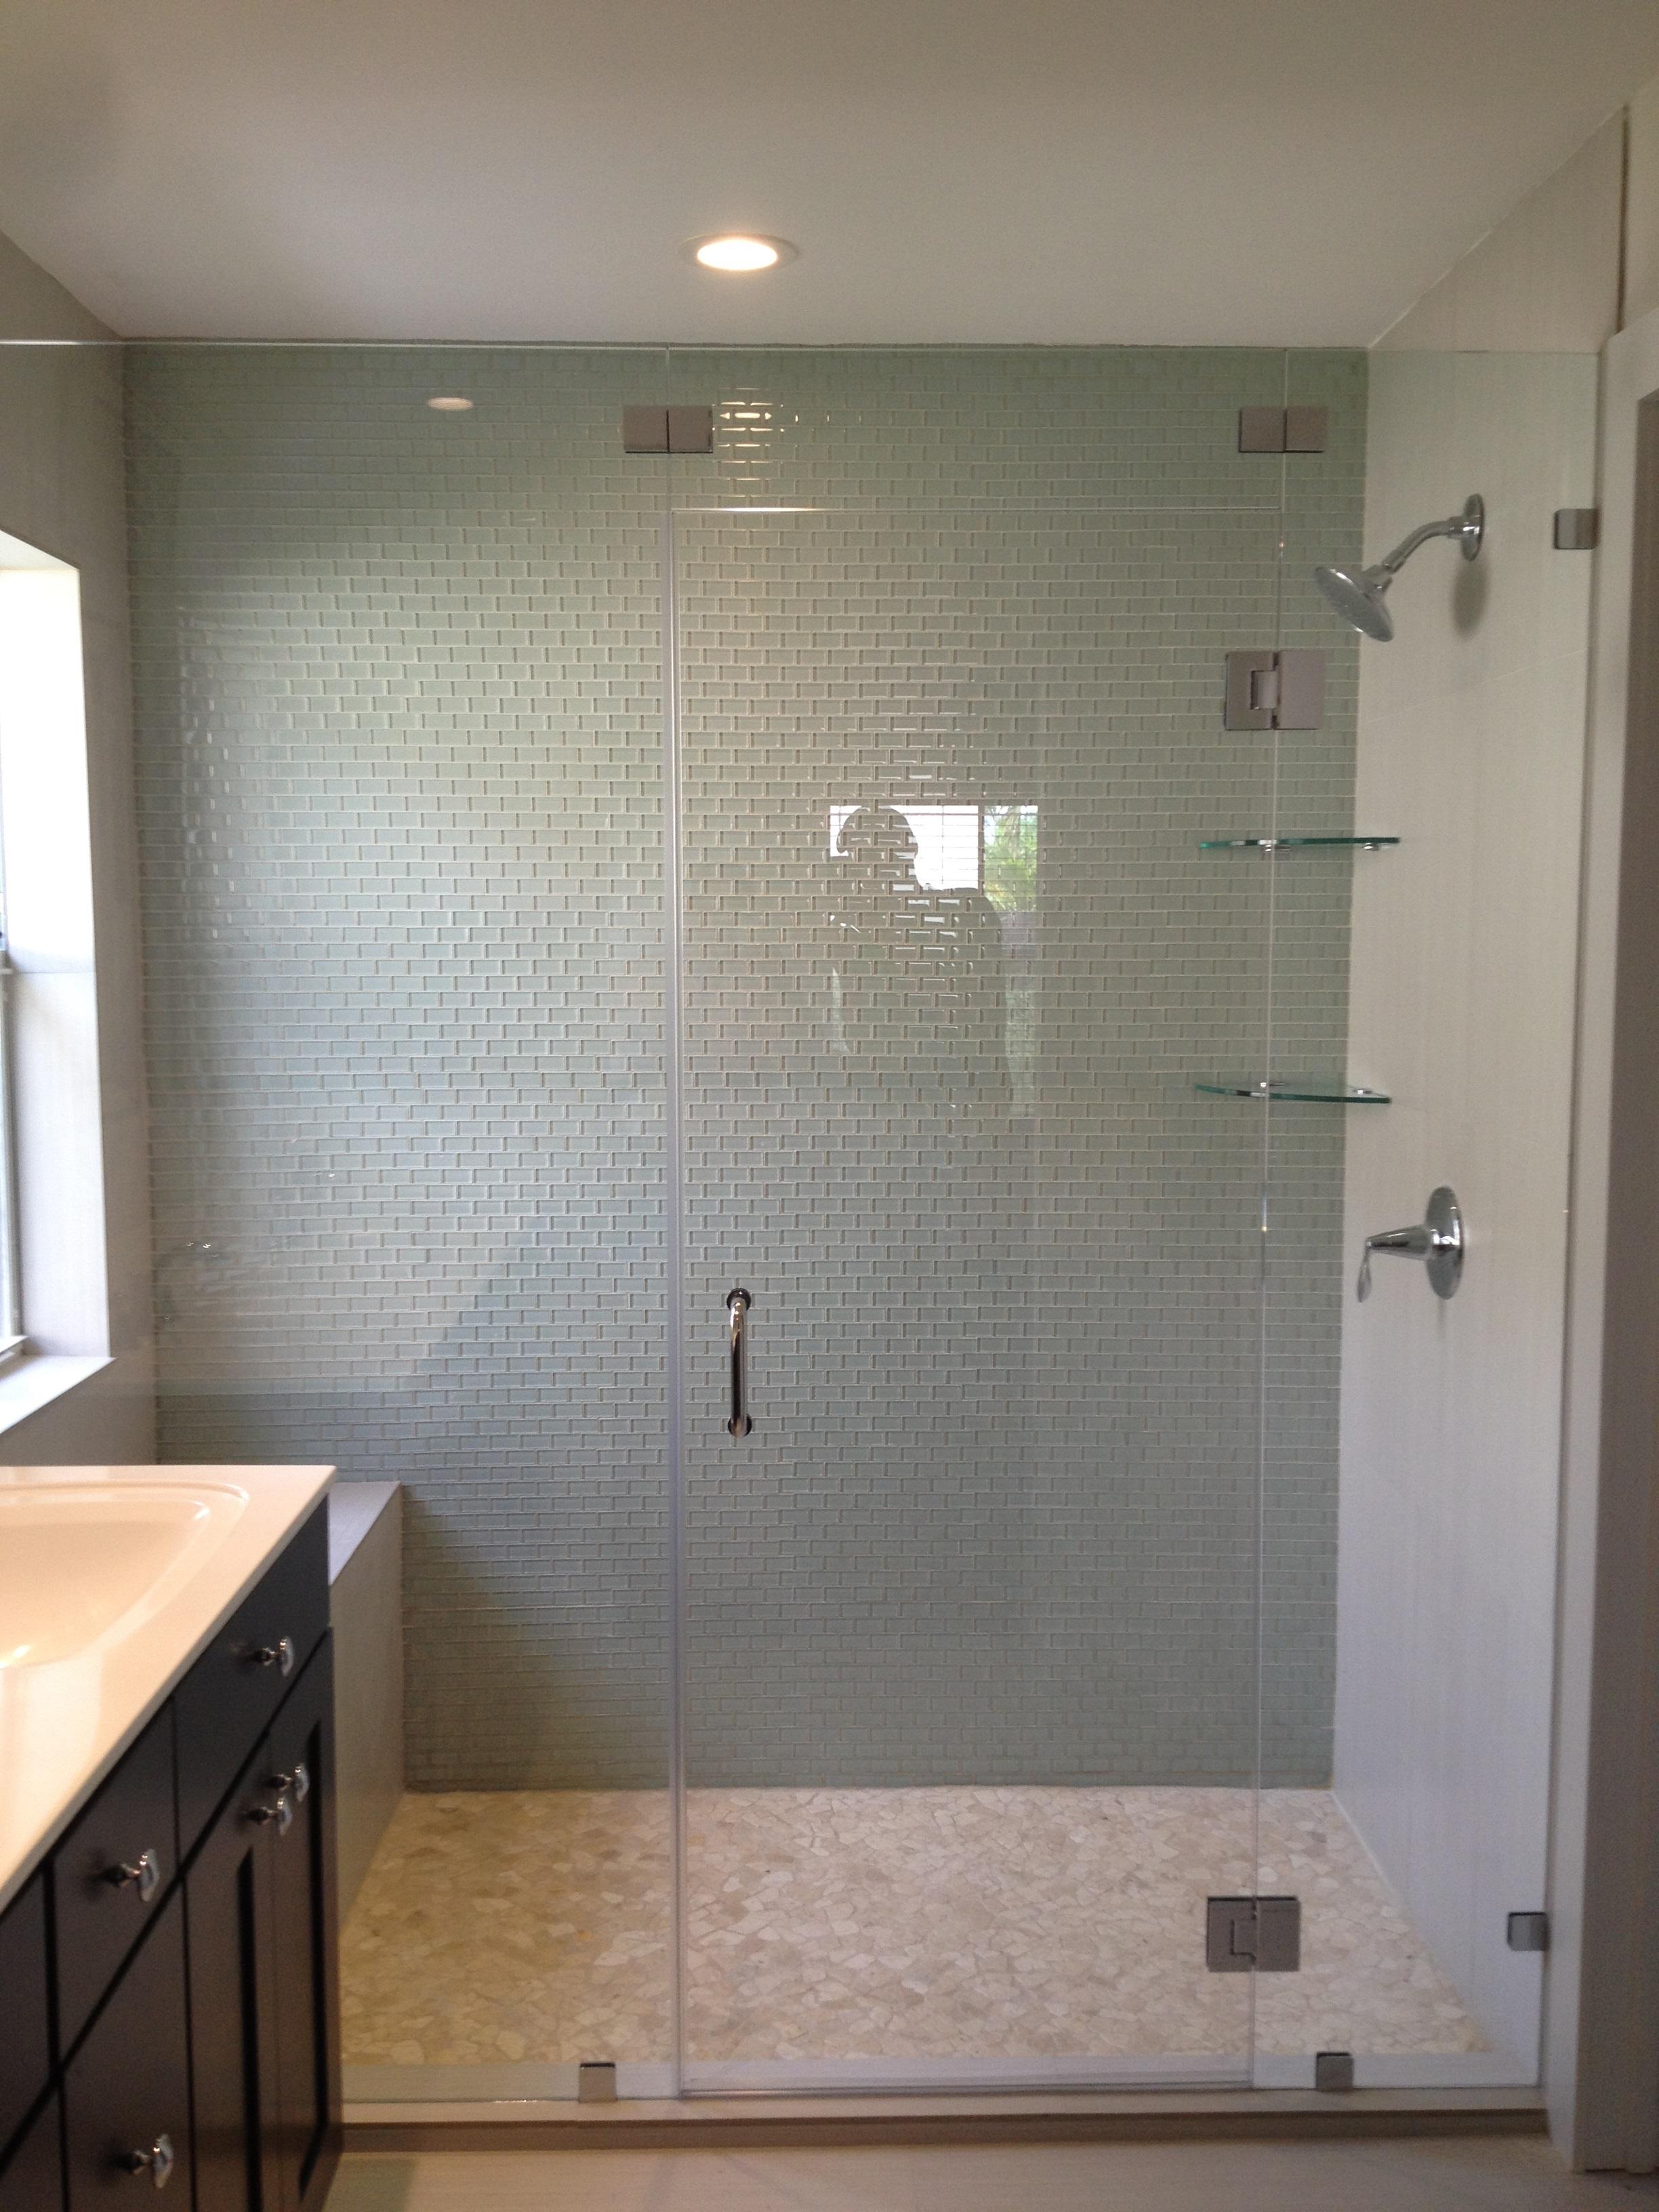 1 Inch Bathroom Floor Tile Marazzi Vitaelegante Grigio 6